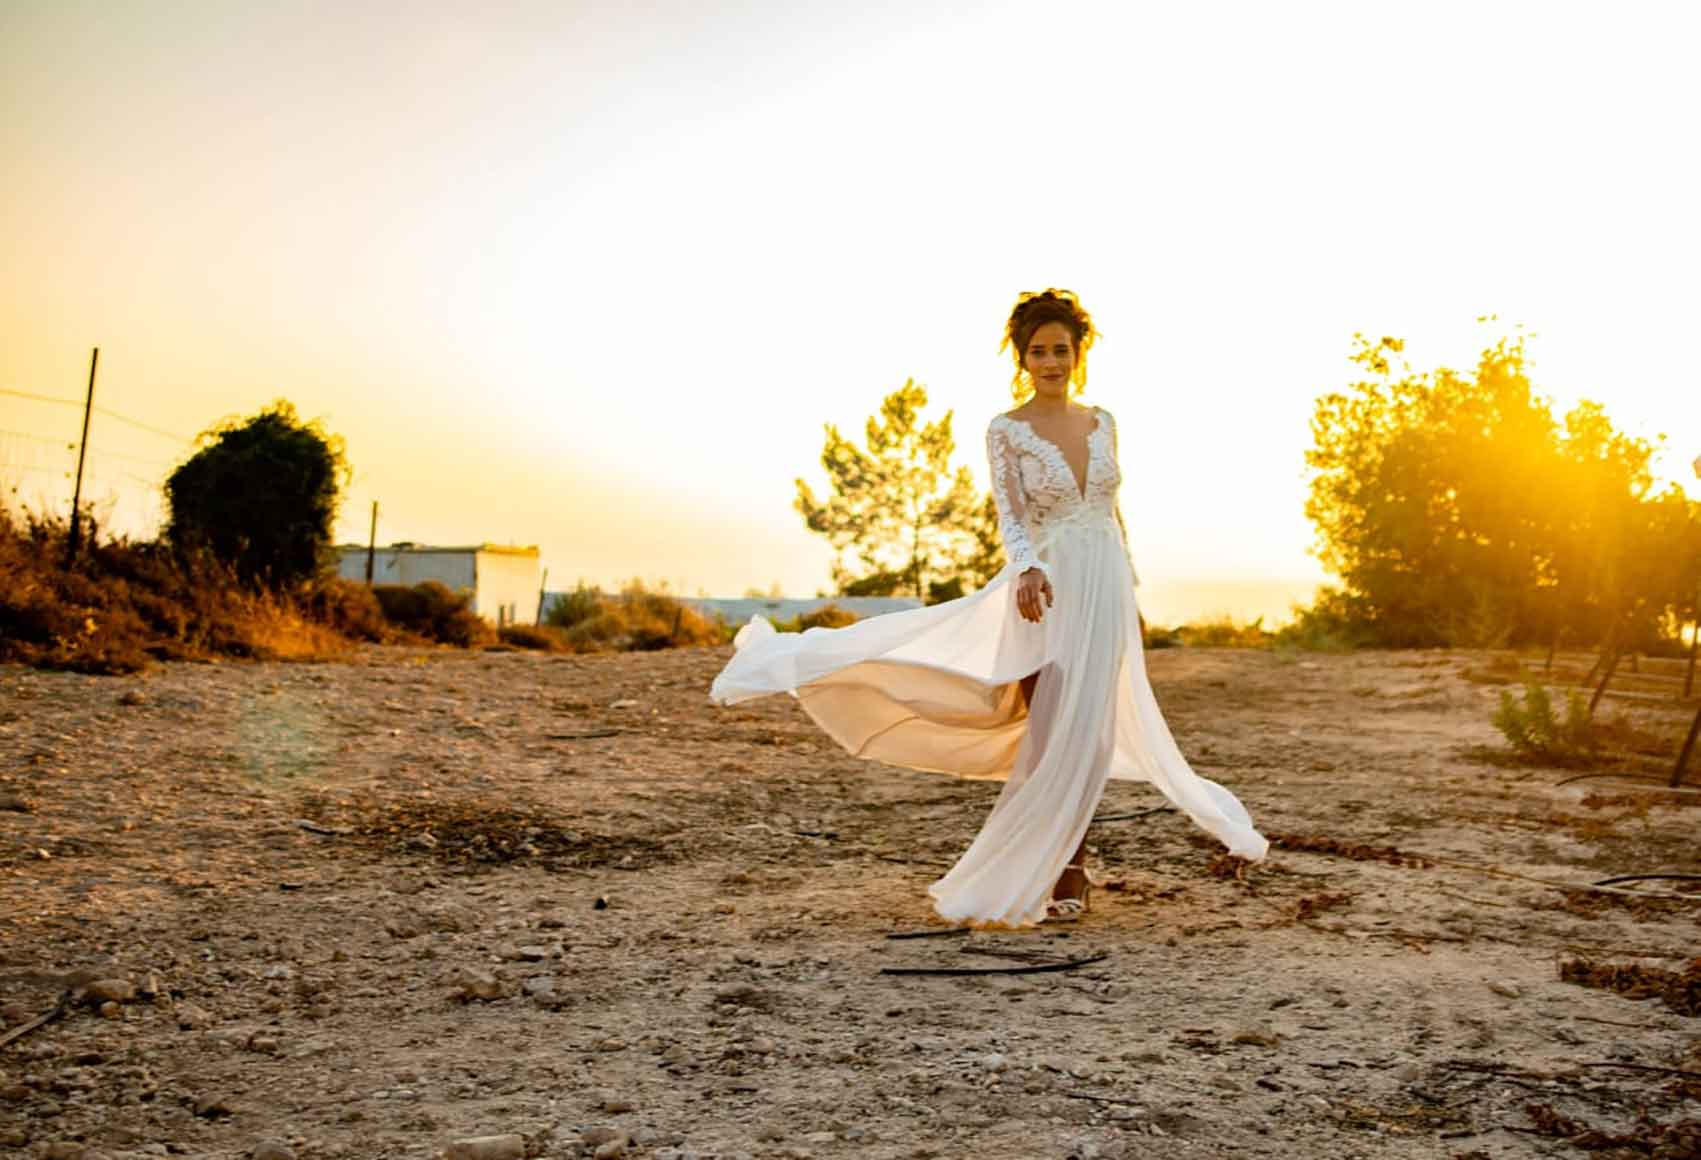 אהבת-הדס-שמלות-כלה-ב-700-שקל-מגזין-אופנה-אונליין